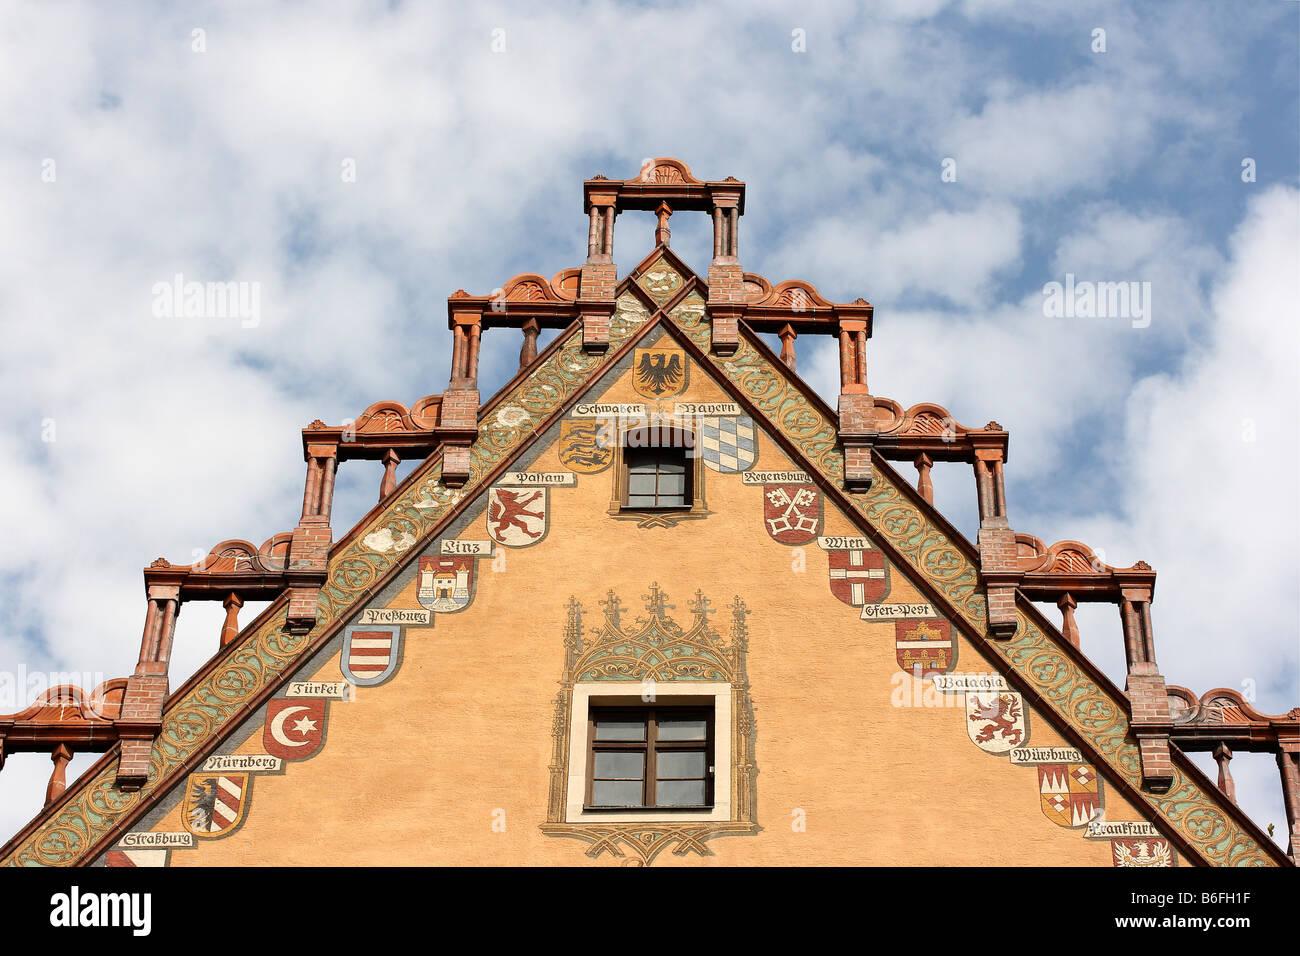 La facciata del municipio di Ulm, Baden-Wuerttemberg, Germania, Europa Foto Stock